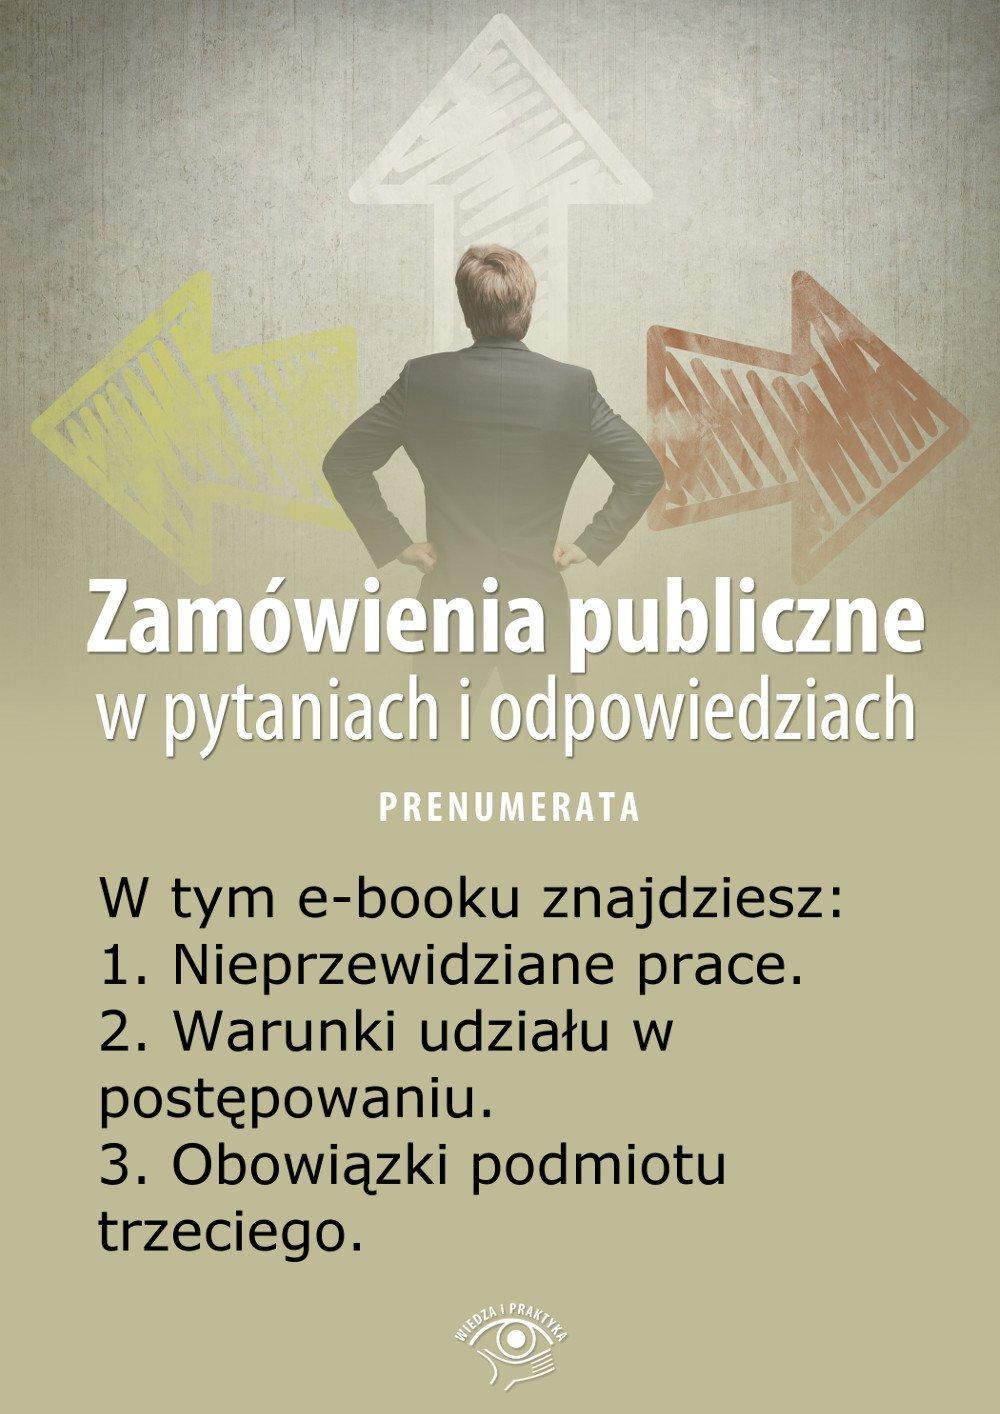 Zamówienia publiczne w pytaniach i odpowiedziach. Wydanie specjalne lipiec 2014 r. - Ebook (Książka EPUB) do pobrania w formacie EPUB